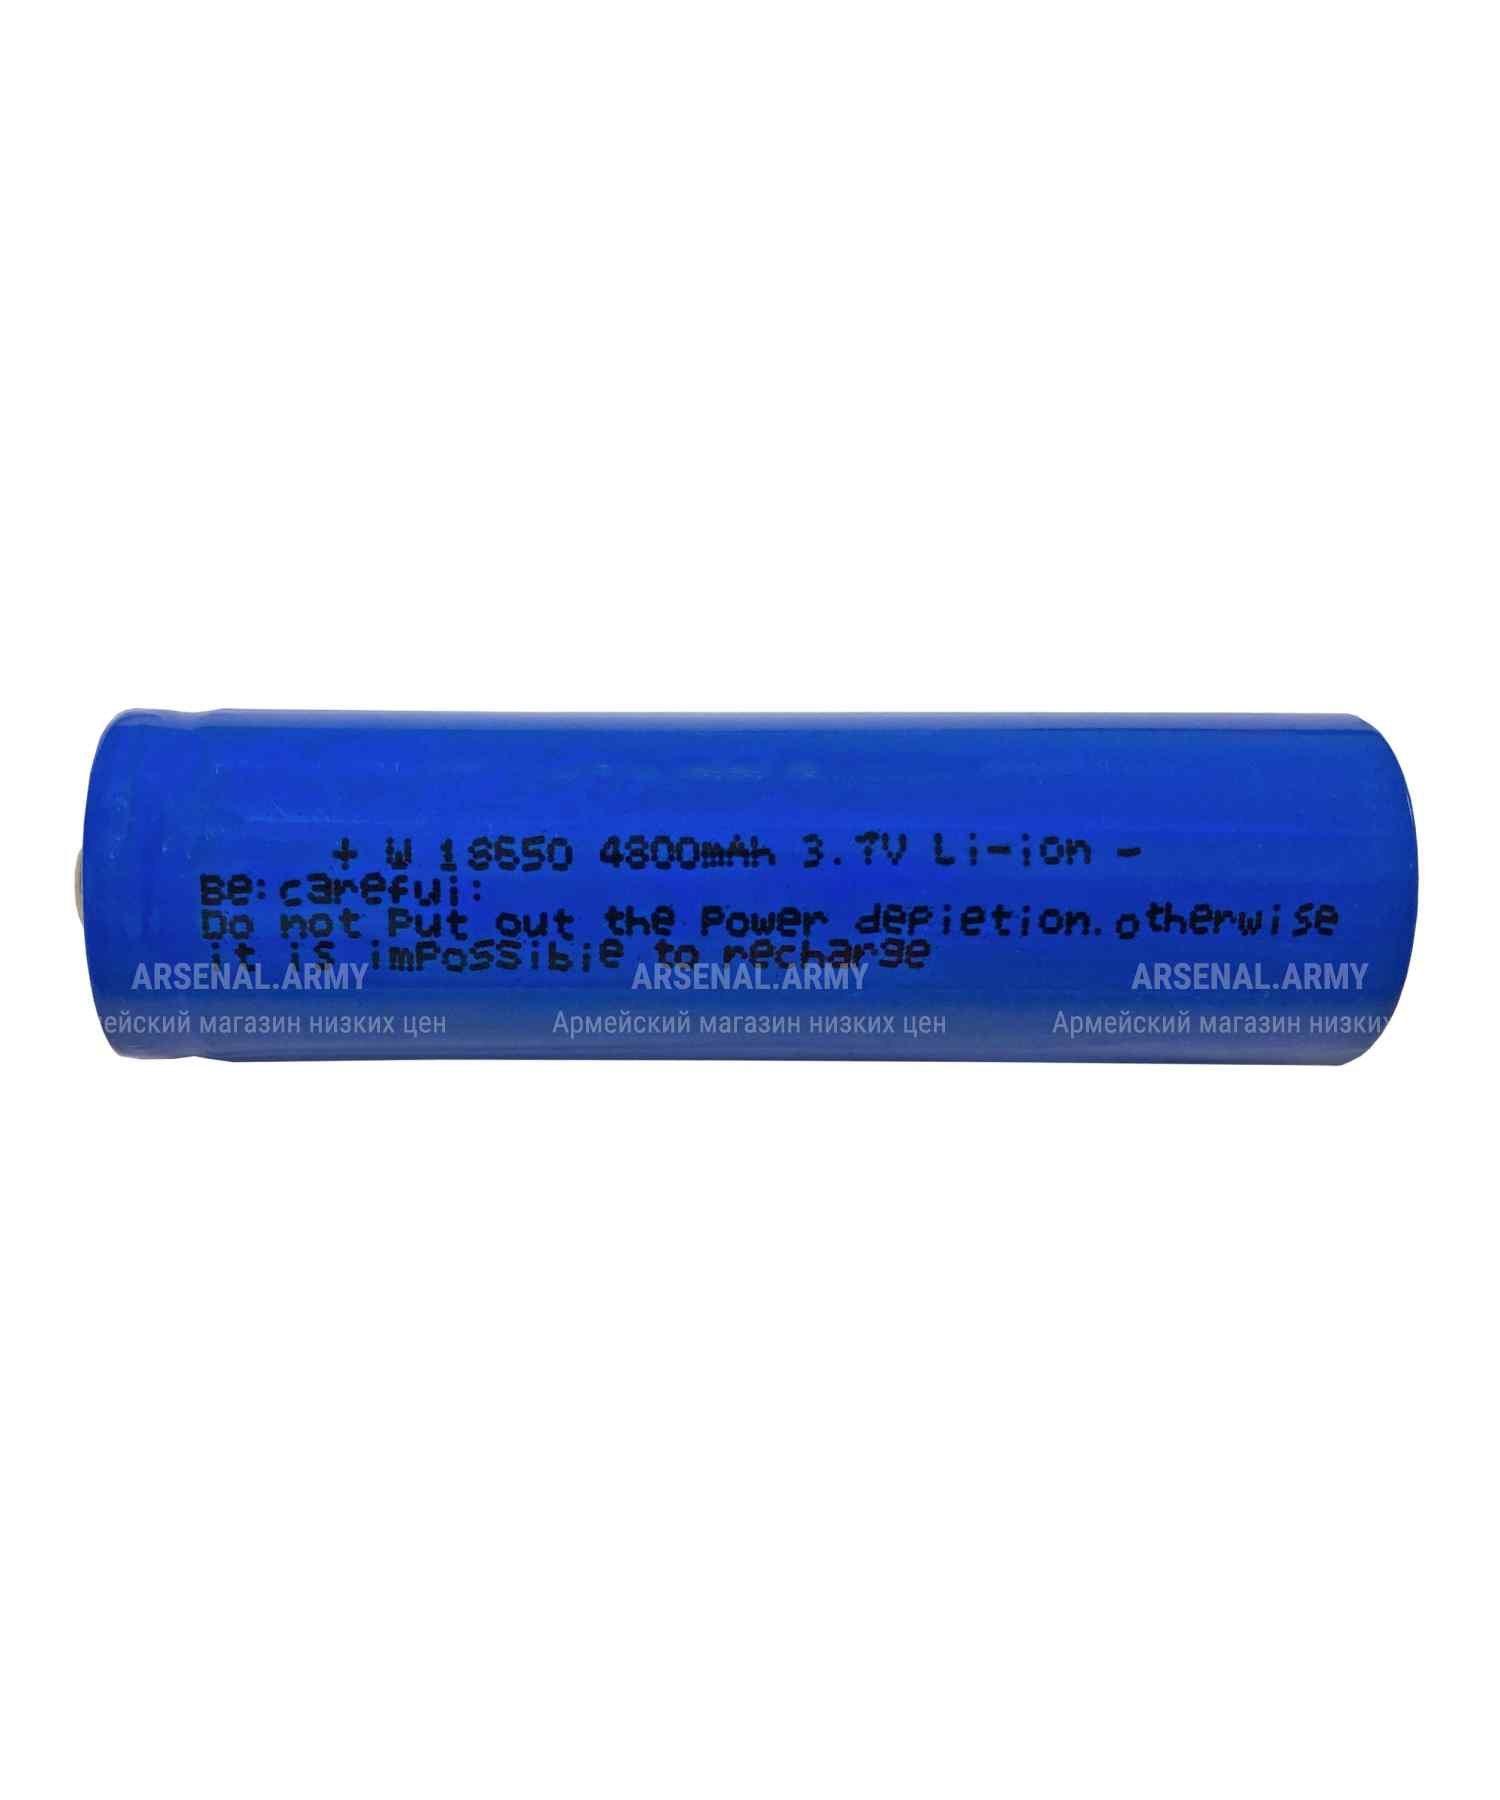 Батарейка аккумуляторная 4800mAh 3.7V BRC 18650 Li-ion